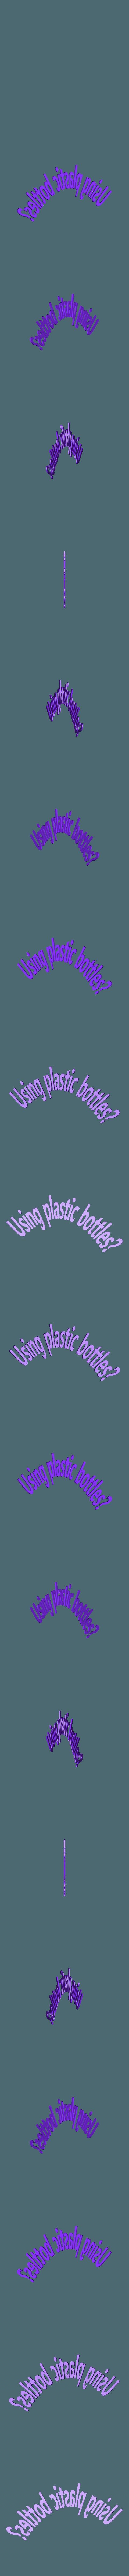 TEXT.obj Télécharger fichier OBJ gratuit plastic pollution impact on animals #XYZCHALLENGE • Design à imprimer en 3D, omni-moulage